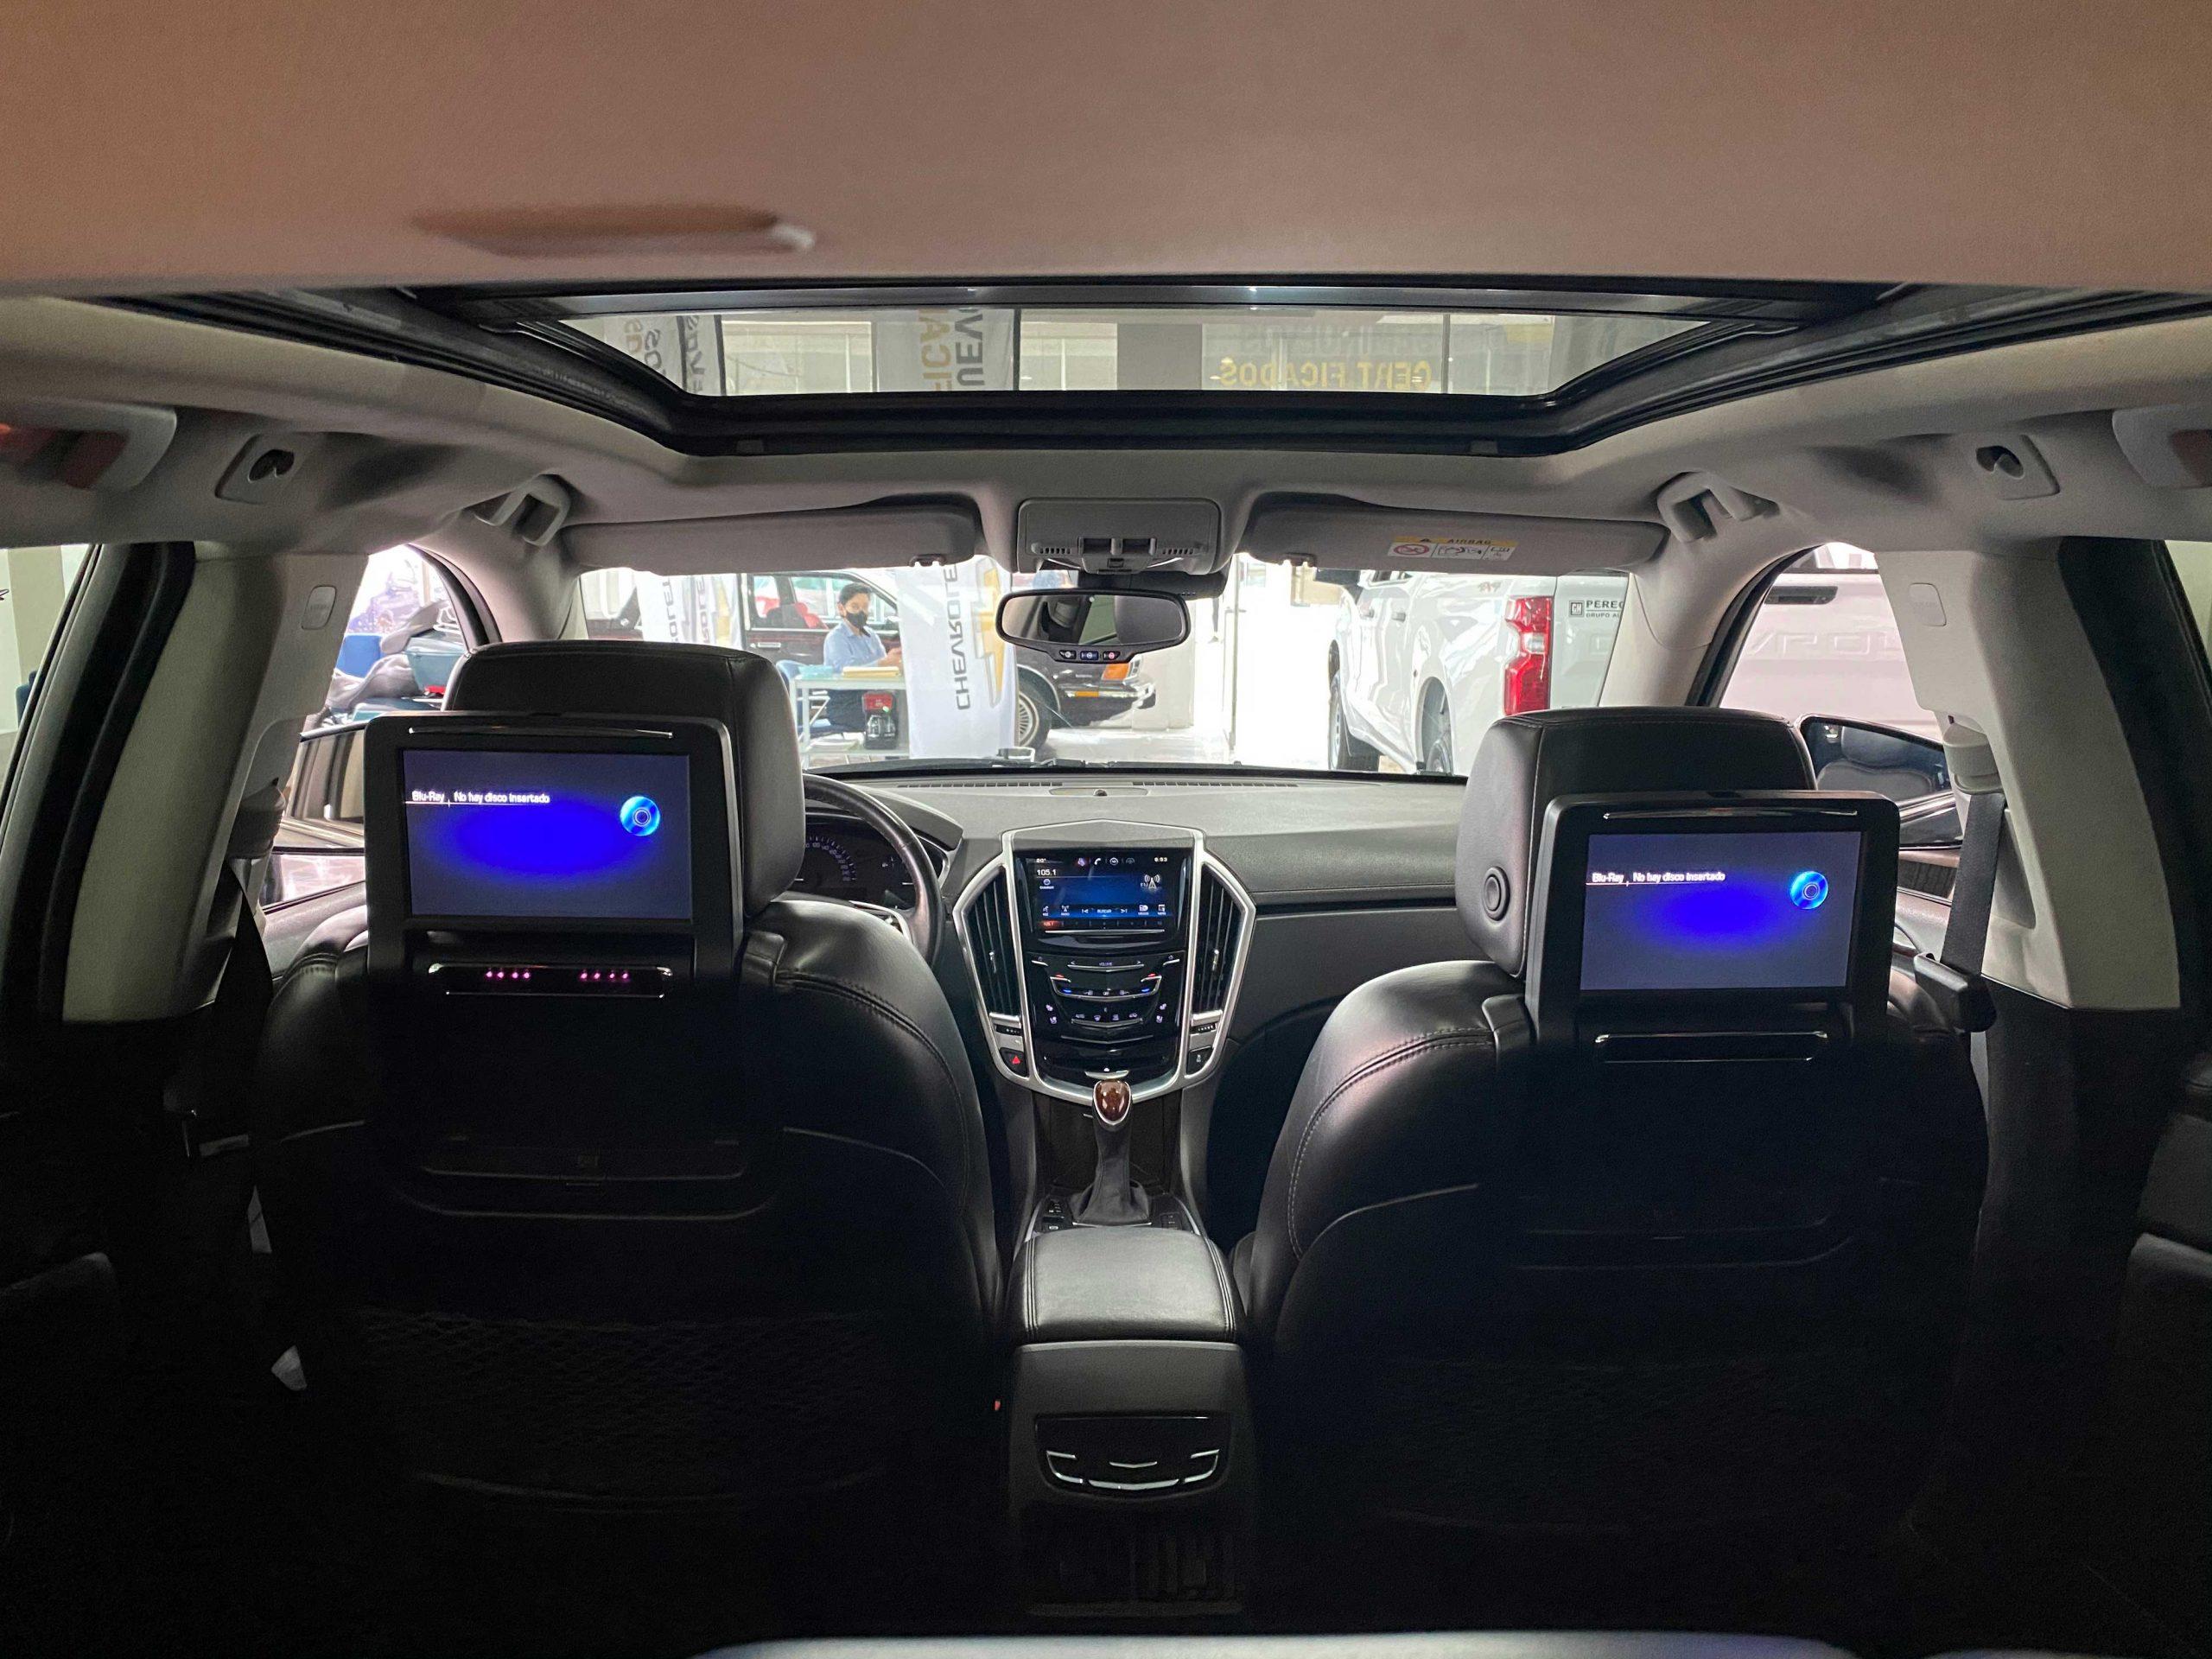 Cadillac SRX B Gris Asfalto 2015 en Venta